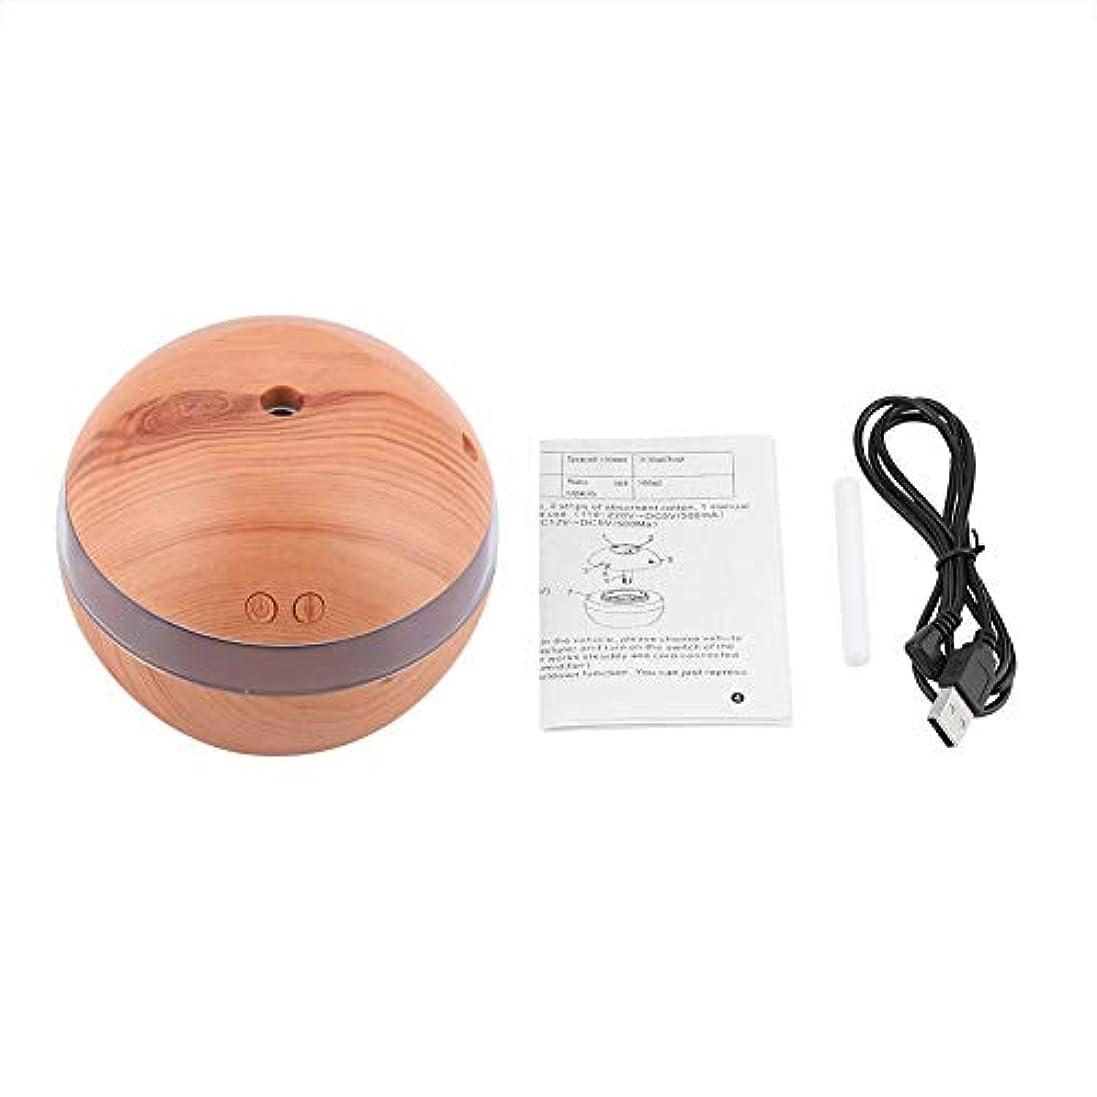 フローレタスアルコーブ加湿器、300ml USB超静かなアロマセラピーディフューザーDc 5 vとLedライトライト木製/暗い木製の寝室、リビング、オフィスのオプション(軽い木製)